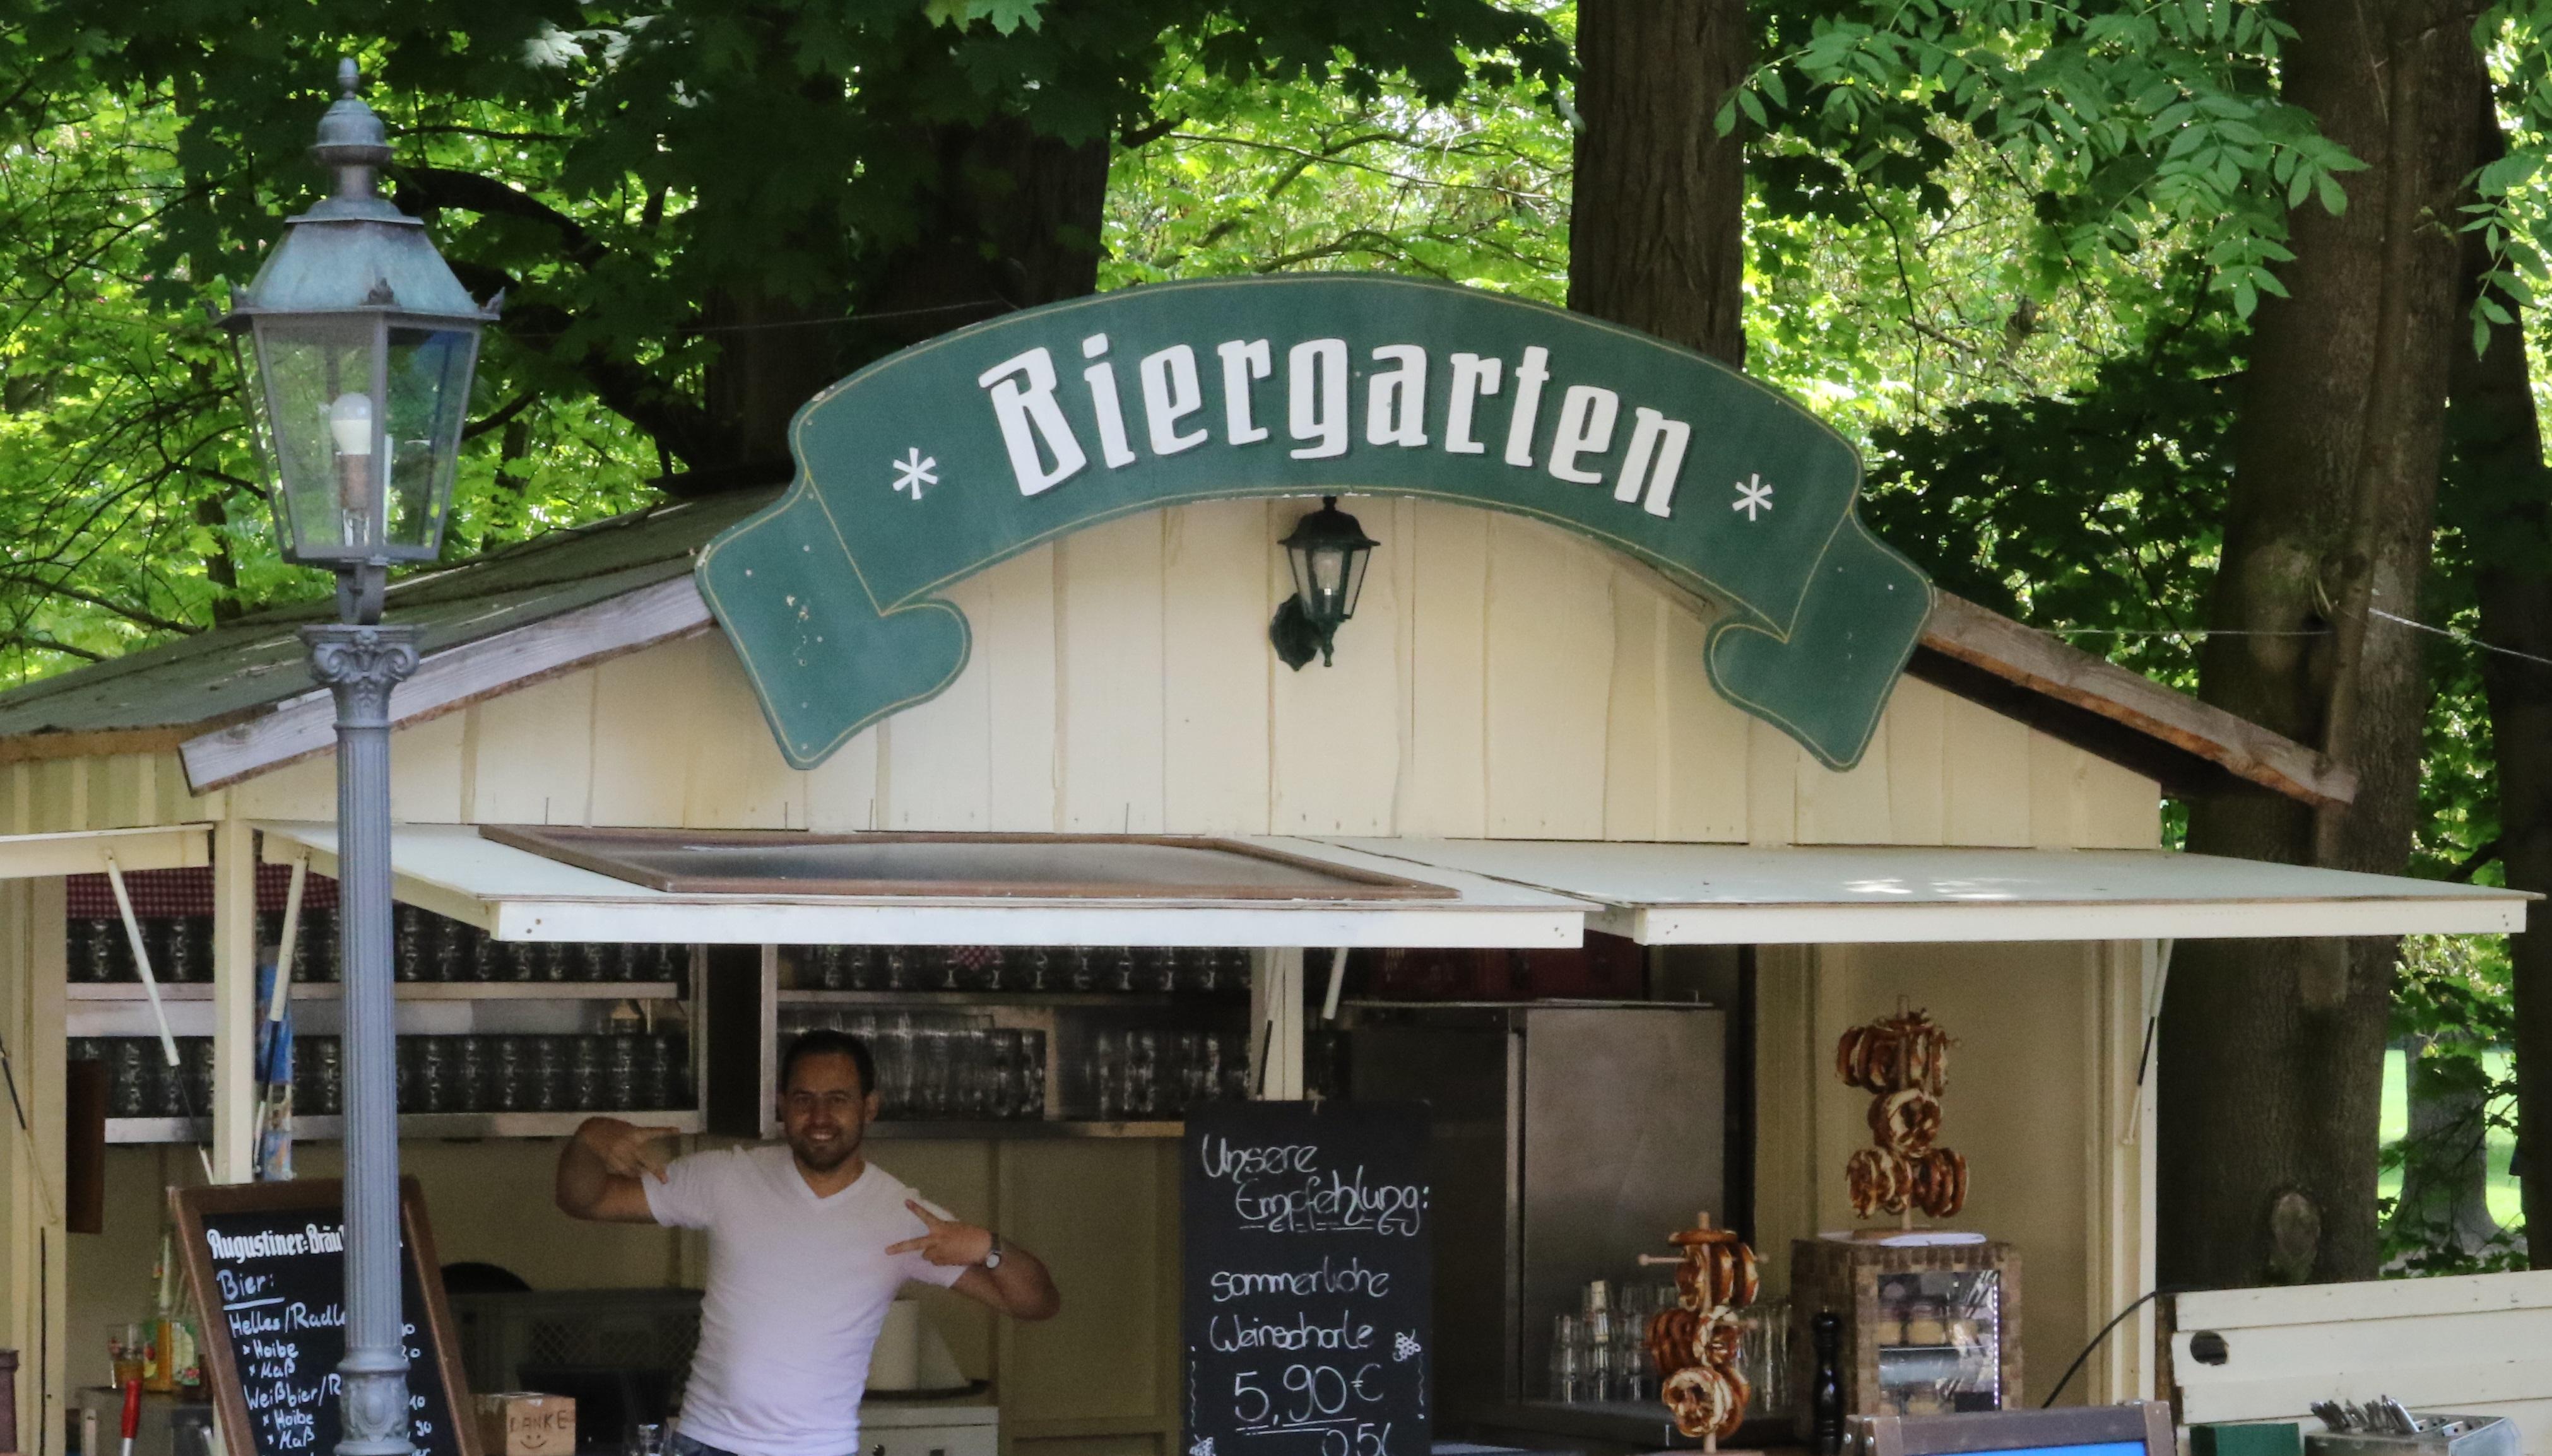 Biergarten Kiosk